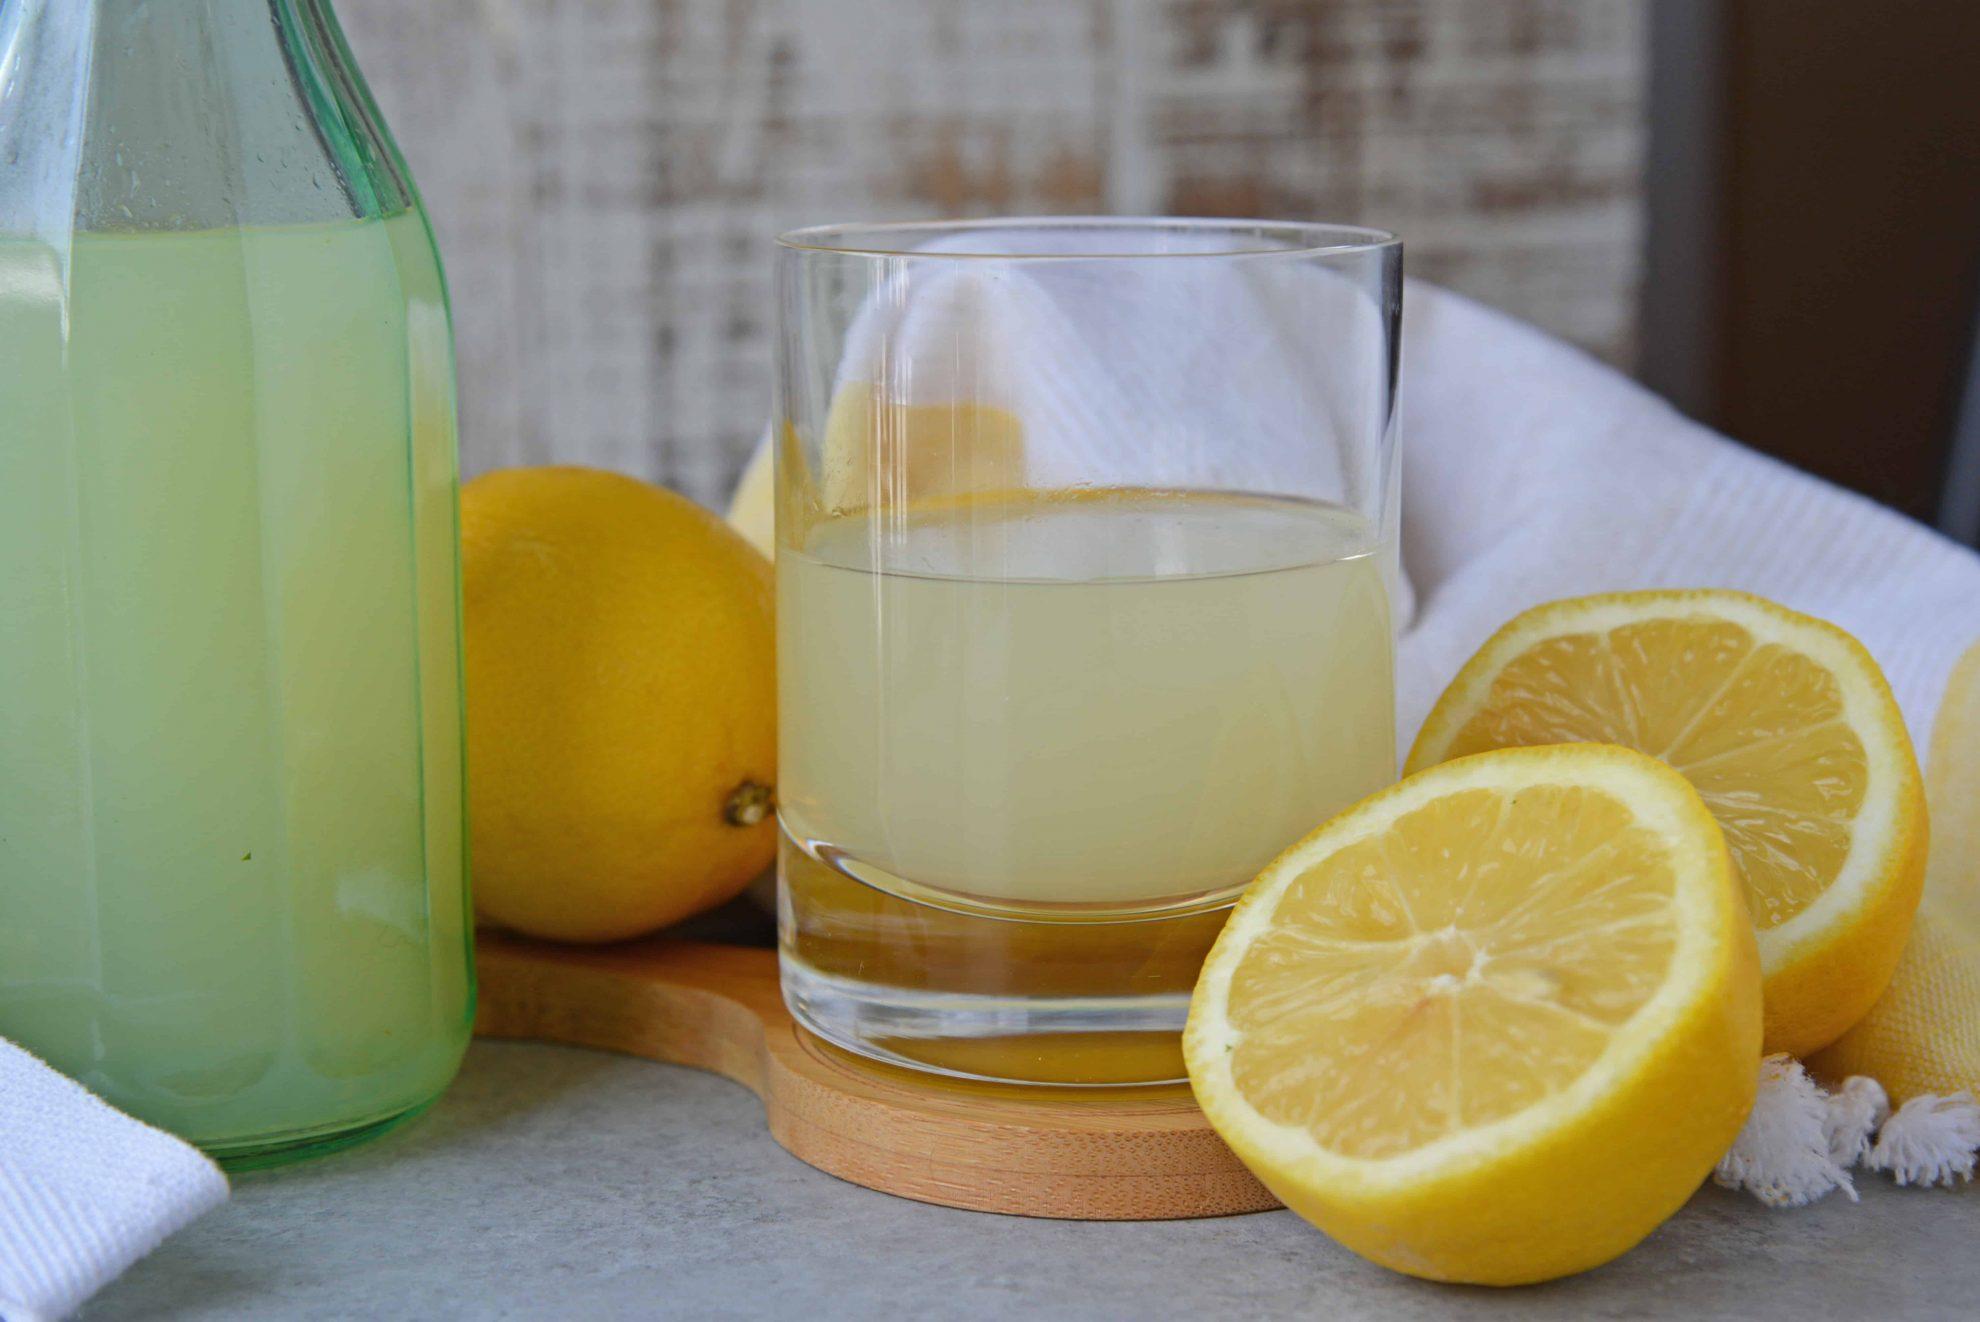 homemade limoncello with fresh lemons